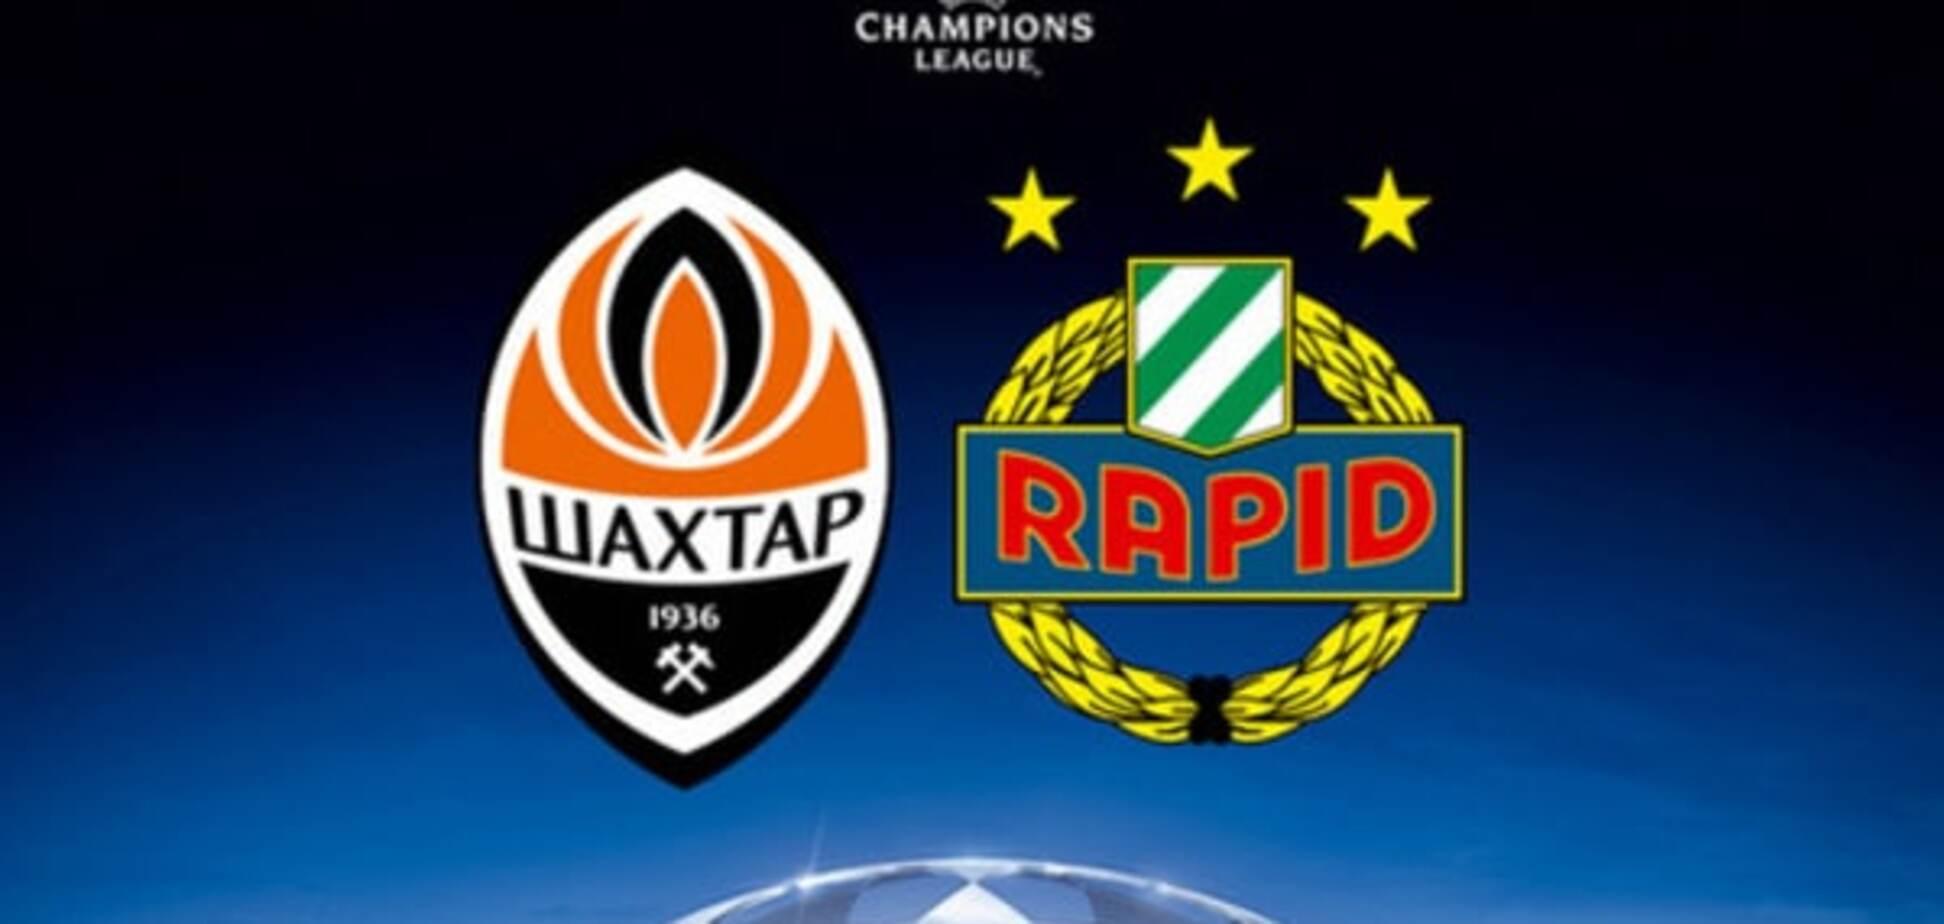 Шахтер - Рапид: анонс, прогноз, где смотреть матч Лиги чемпионов